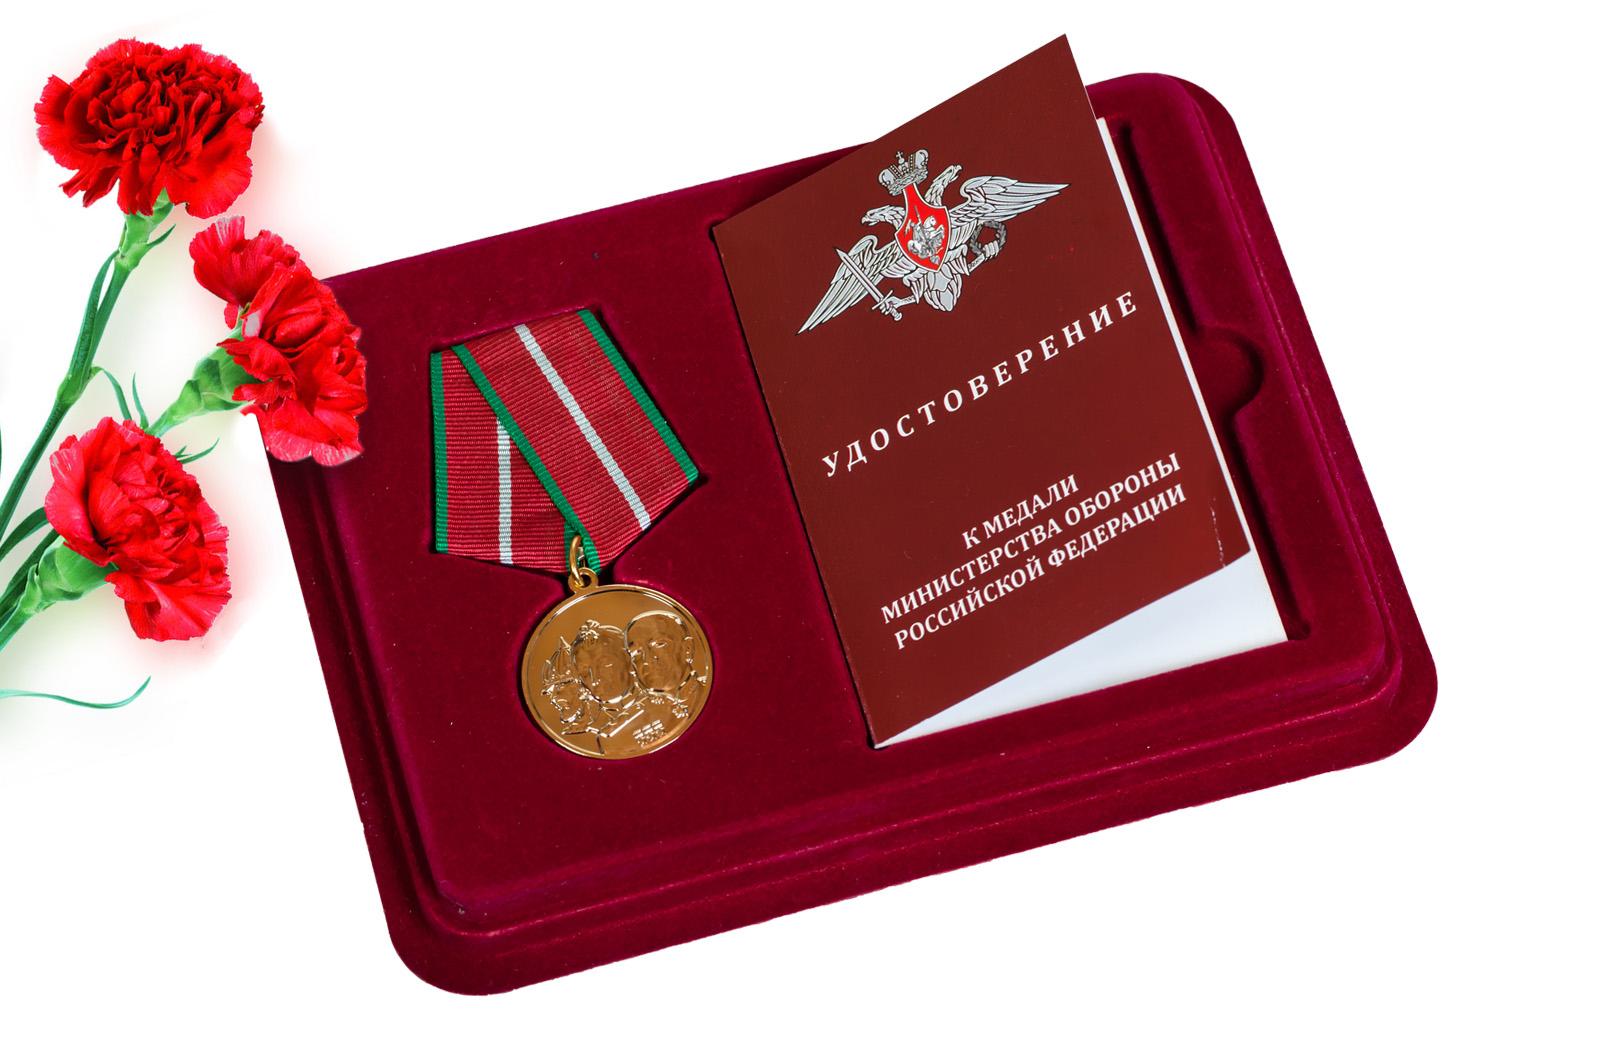 Купить медаль Во славу Отечества в футляре с удостоверением с доставкой